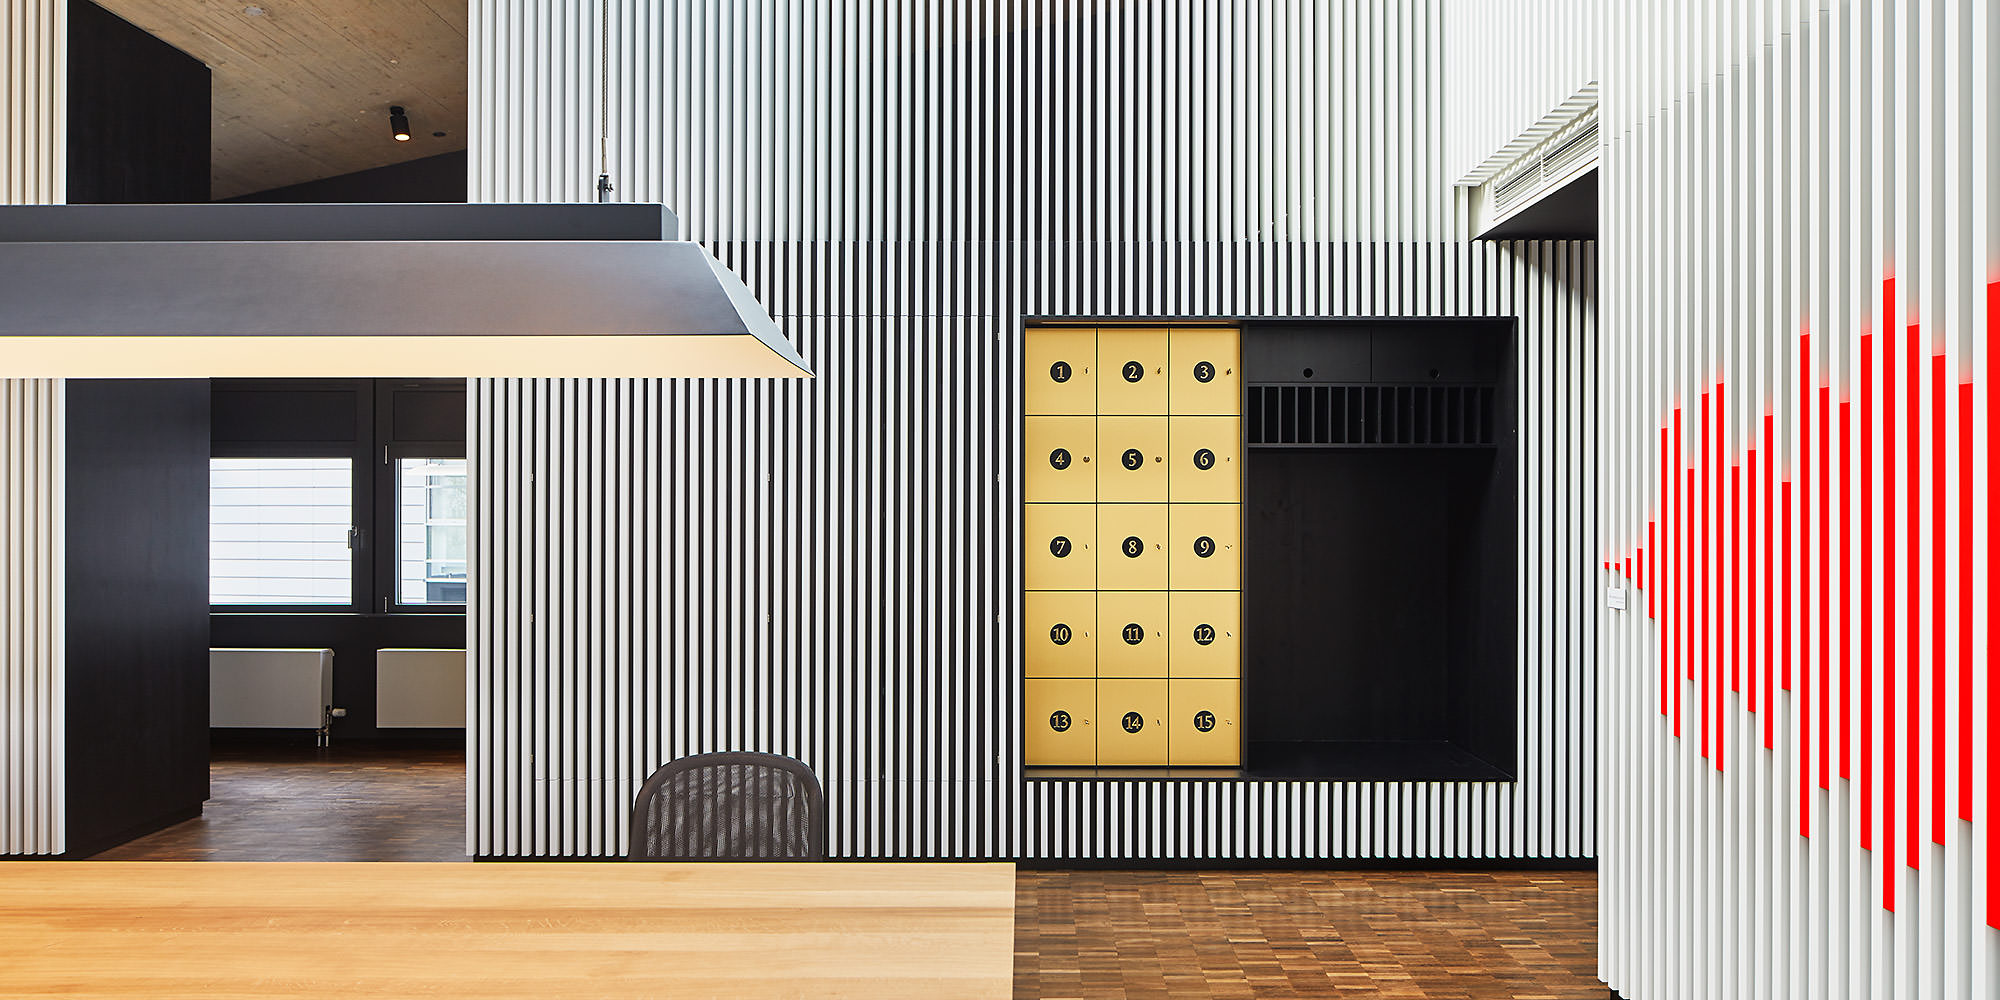 Architekturfotograf Düsseldorf, Büro im Medienhafen, Wecause, Düsseldorf